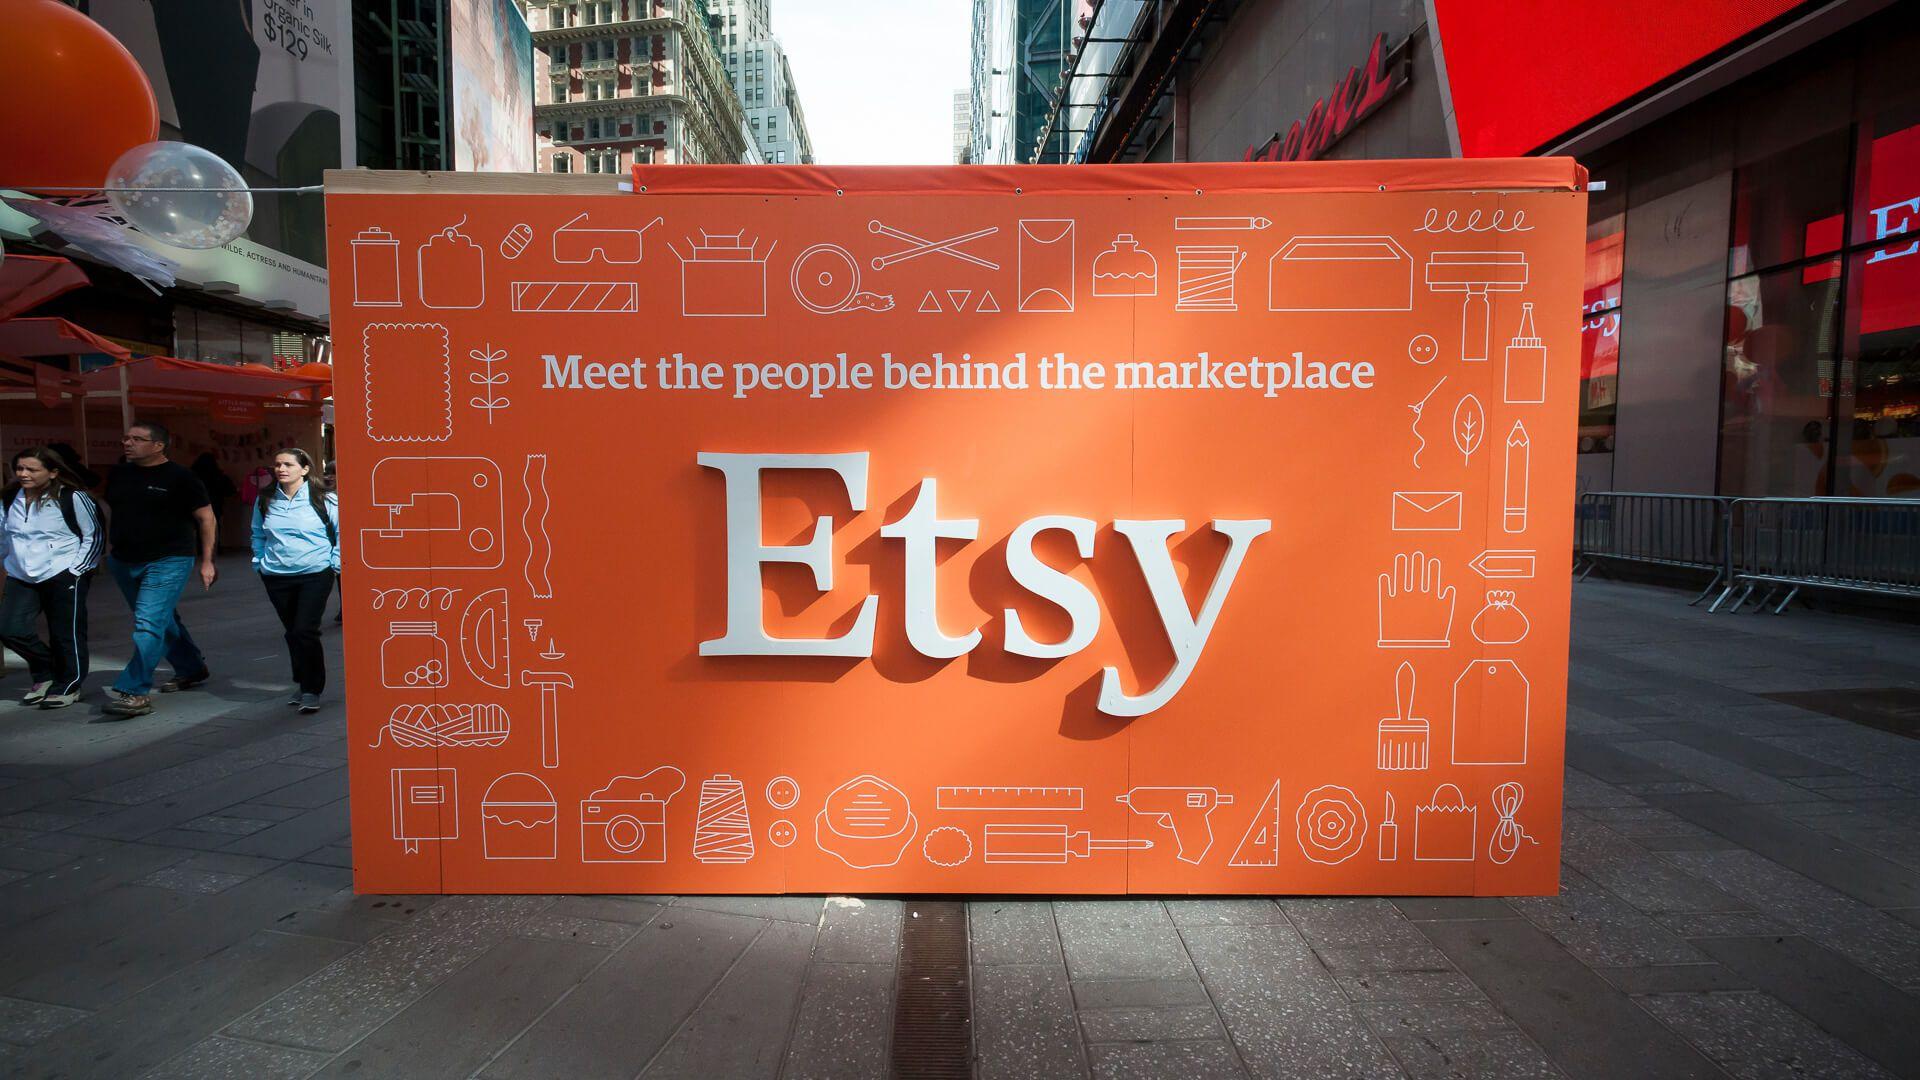 Etsy marketplace sign